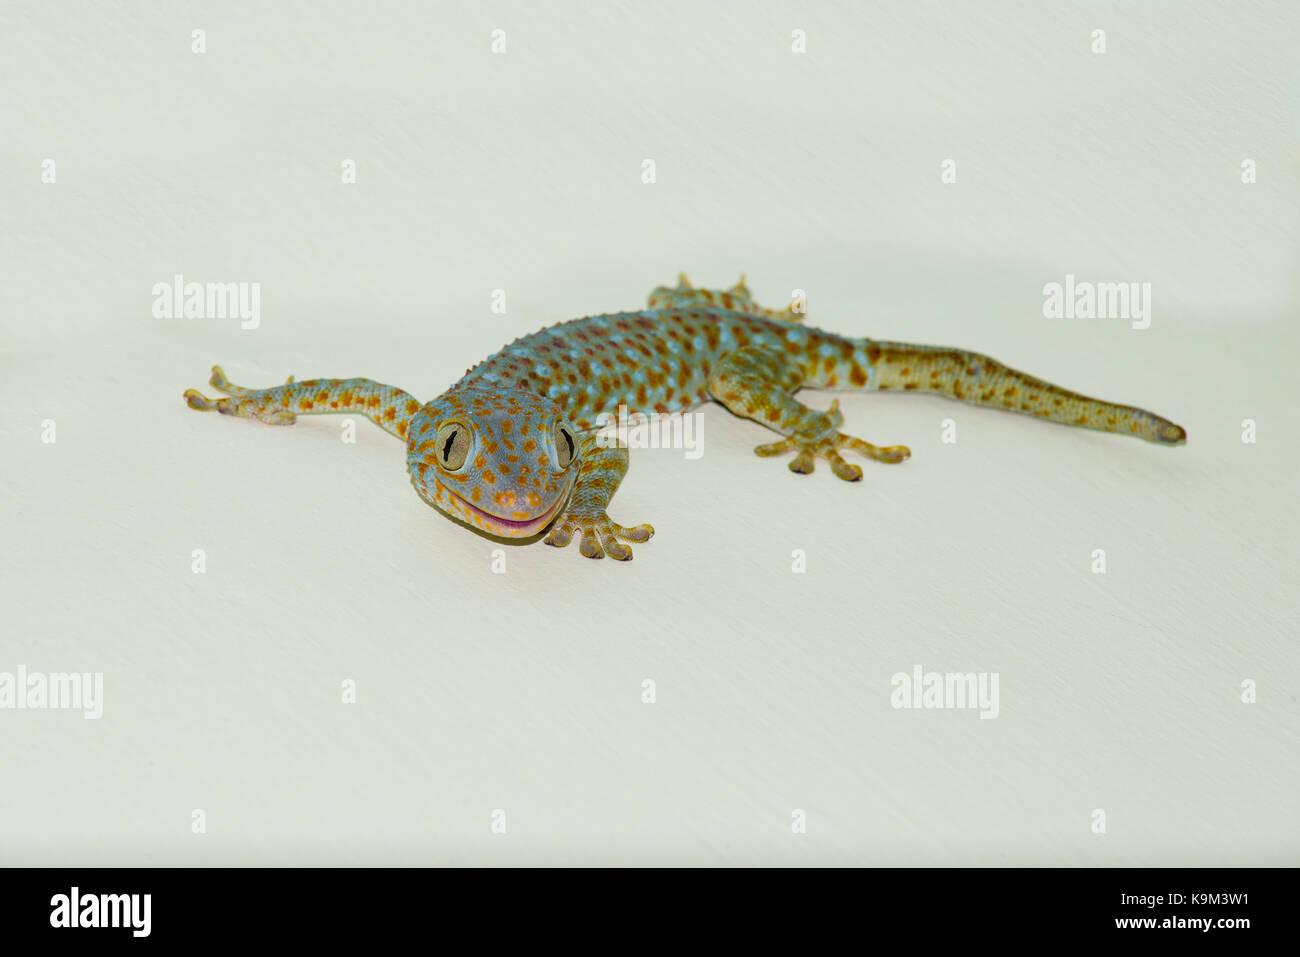 Un jeune Gecko Tokay sur le mur d'une maison à Bali, Indonésie. Ce coup de tête de tout le corps Photo Stock